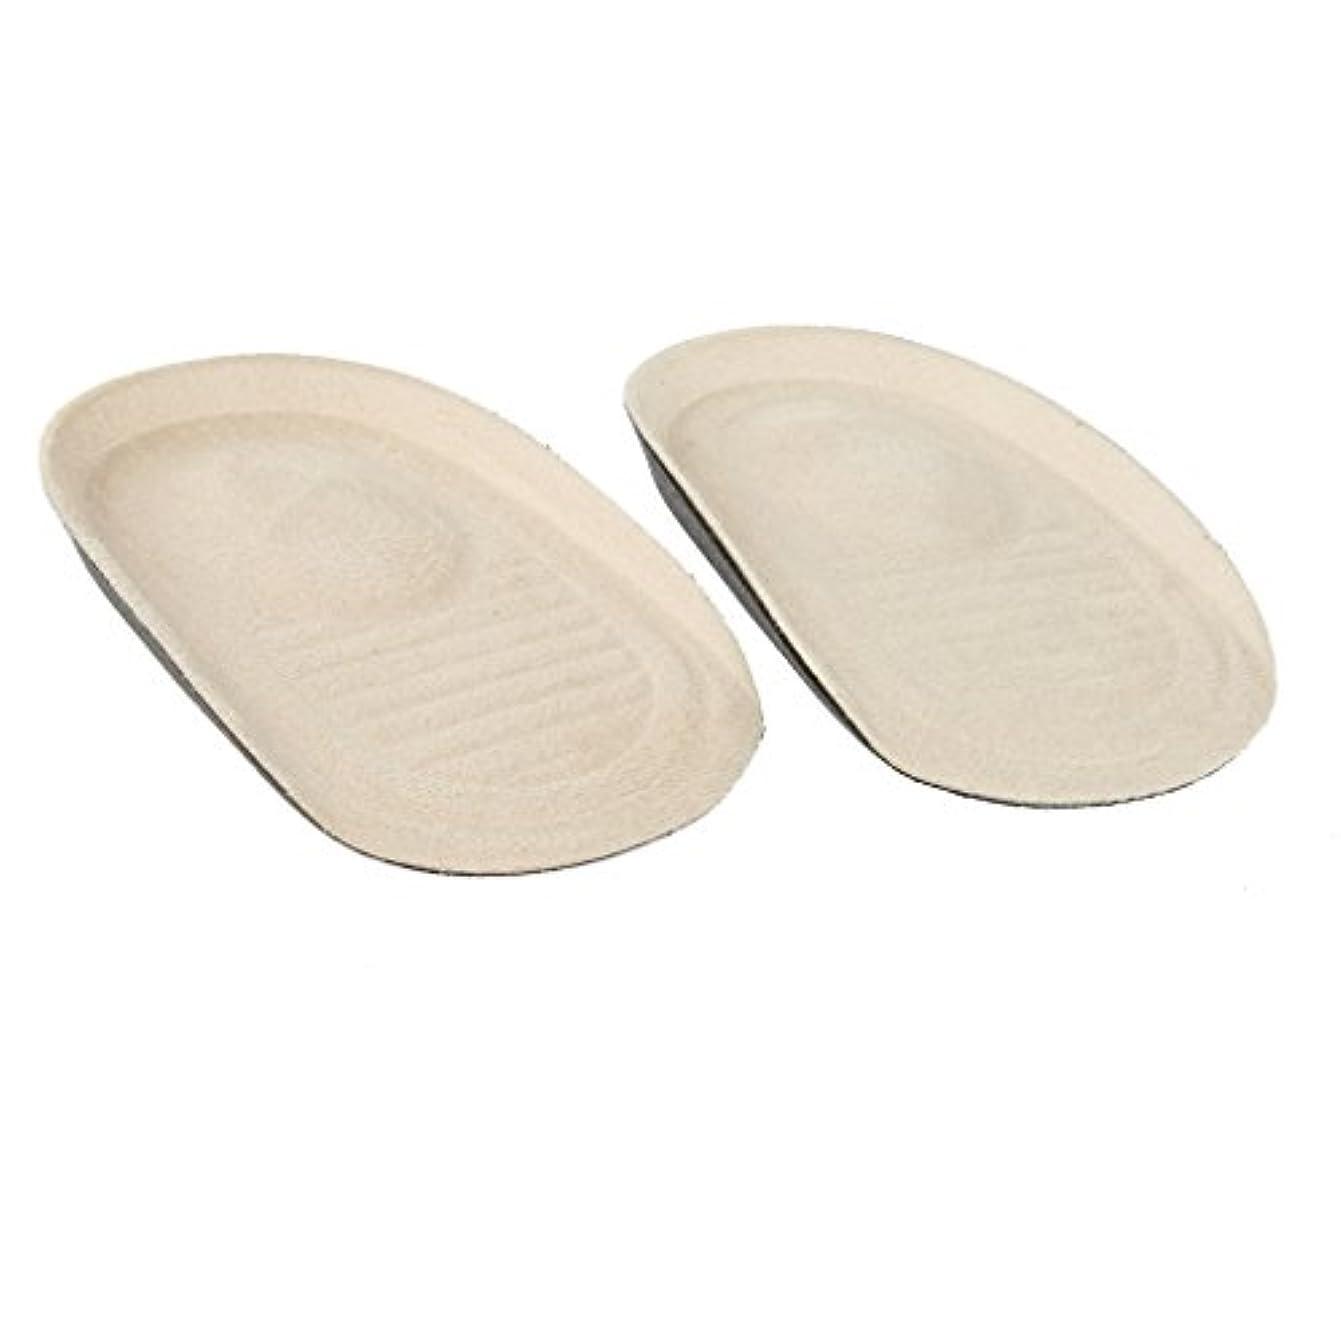 侵入議論するメダルアンチスリップヒールクッションは、インソールブーツ?靴インサートパッドスポンジ